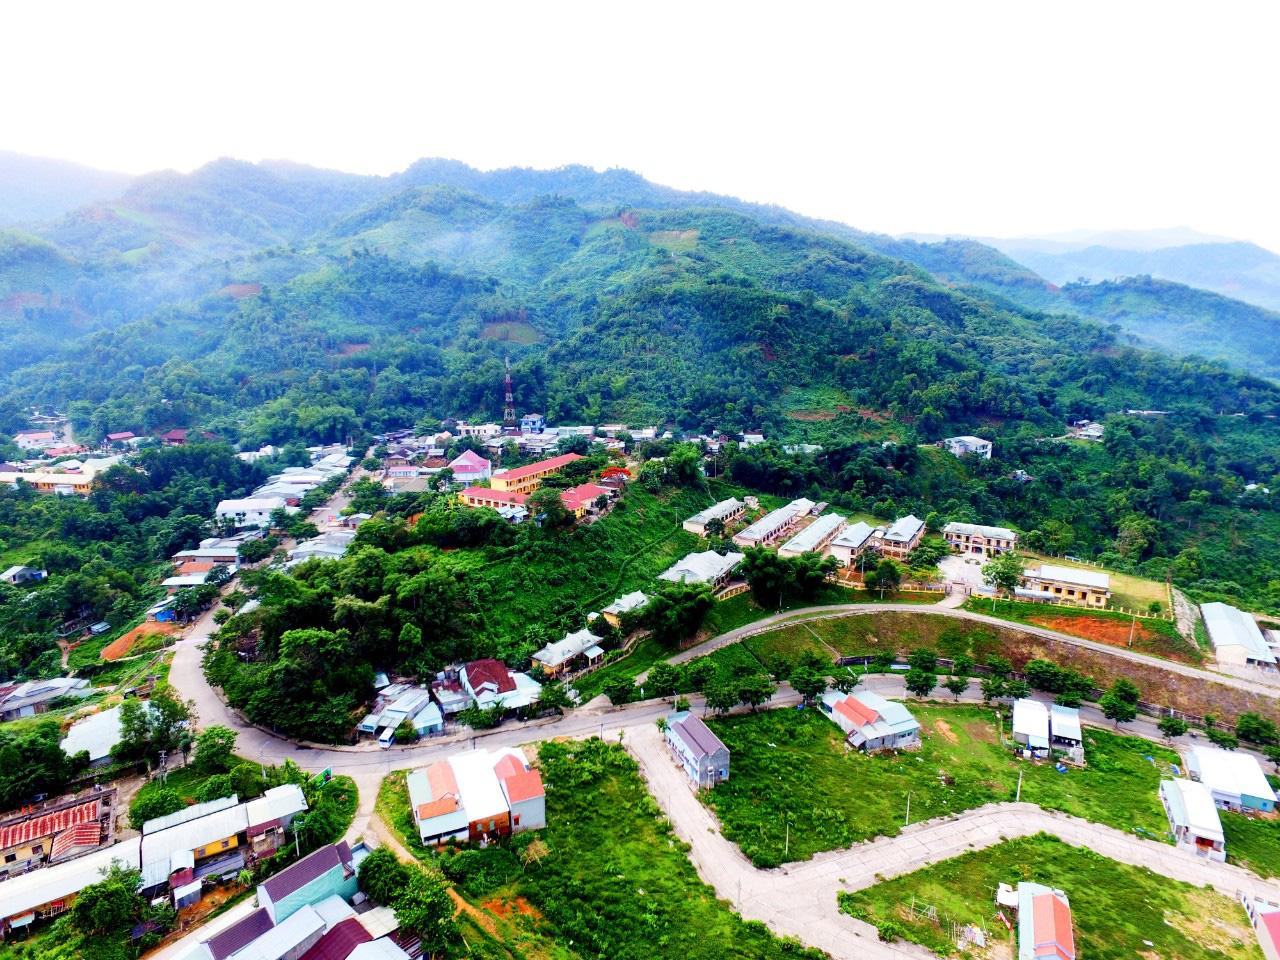 Quảng Nam: Huyện Nam Trà My sẽ trả lại tiền cho ông Đoàn Ngọc Hải  - Ảnh 2.